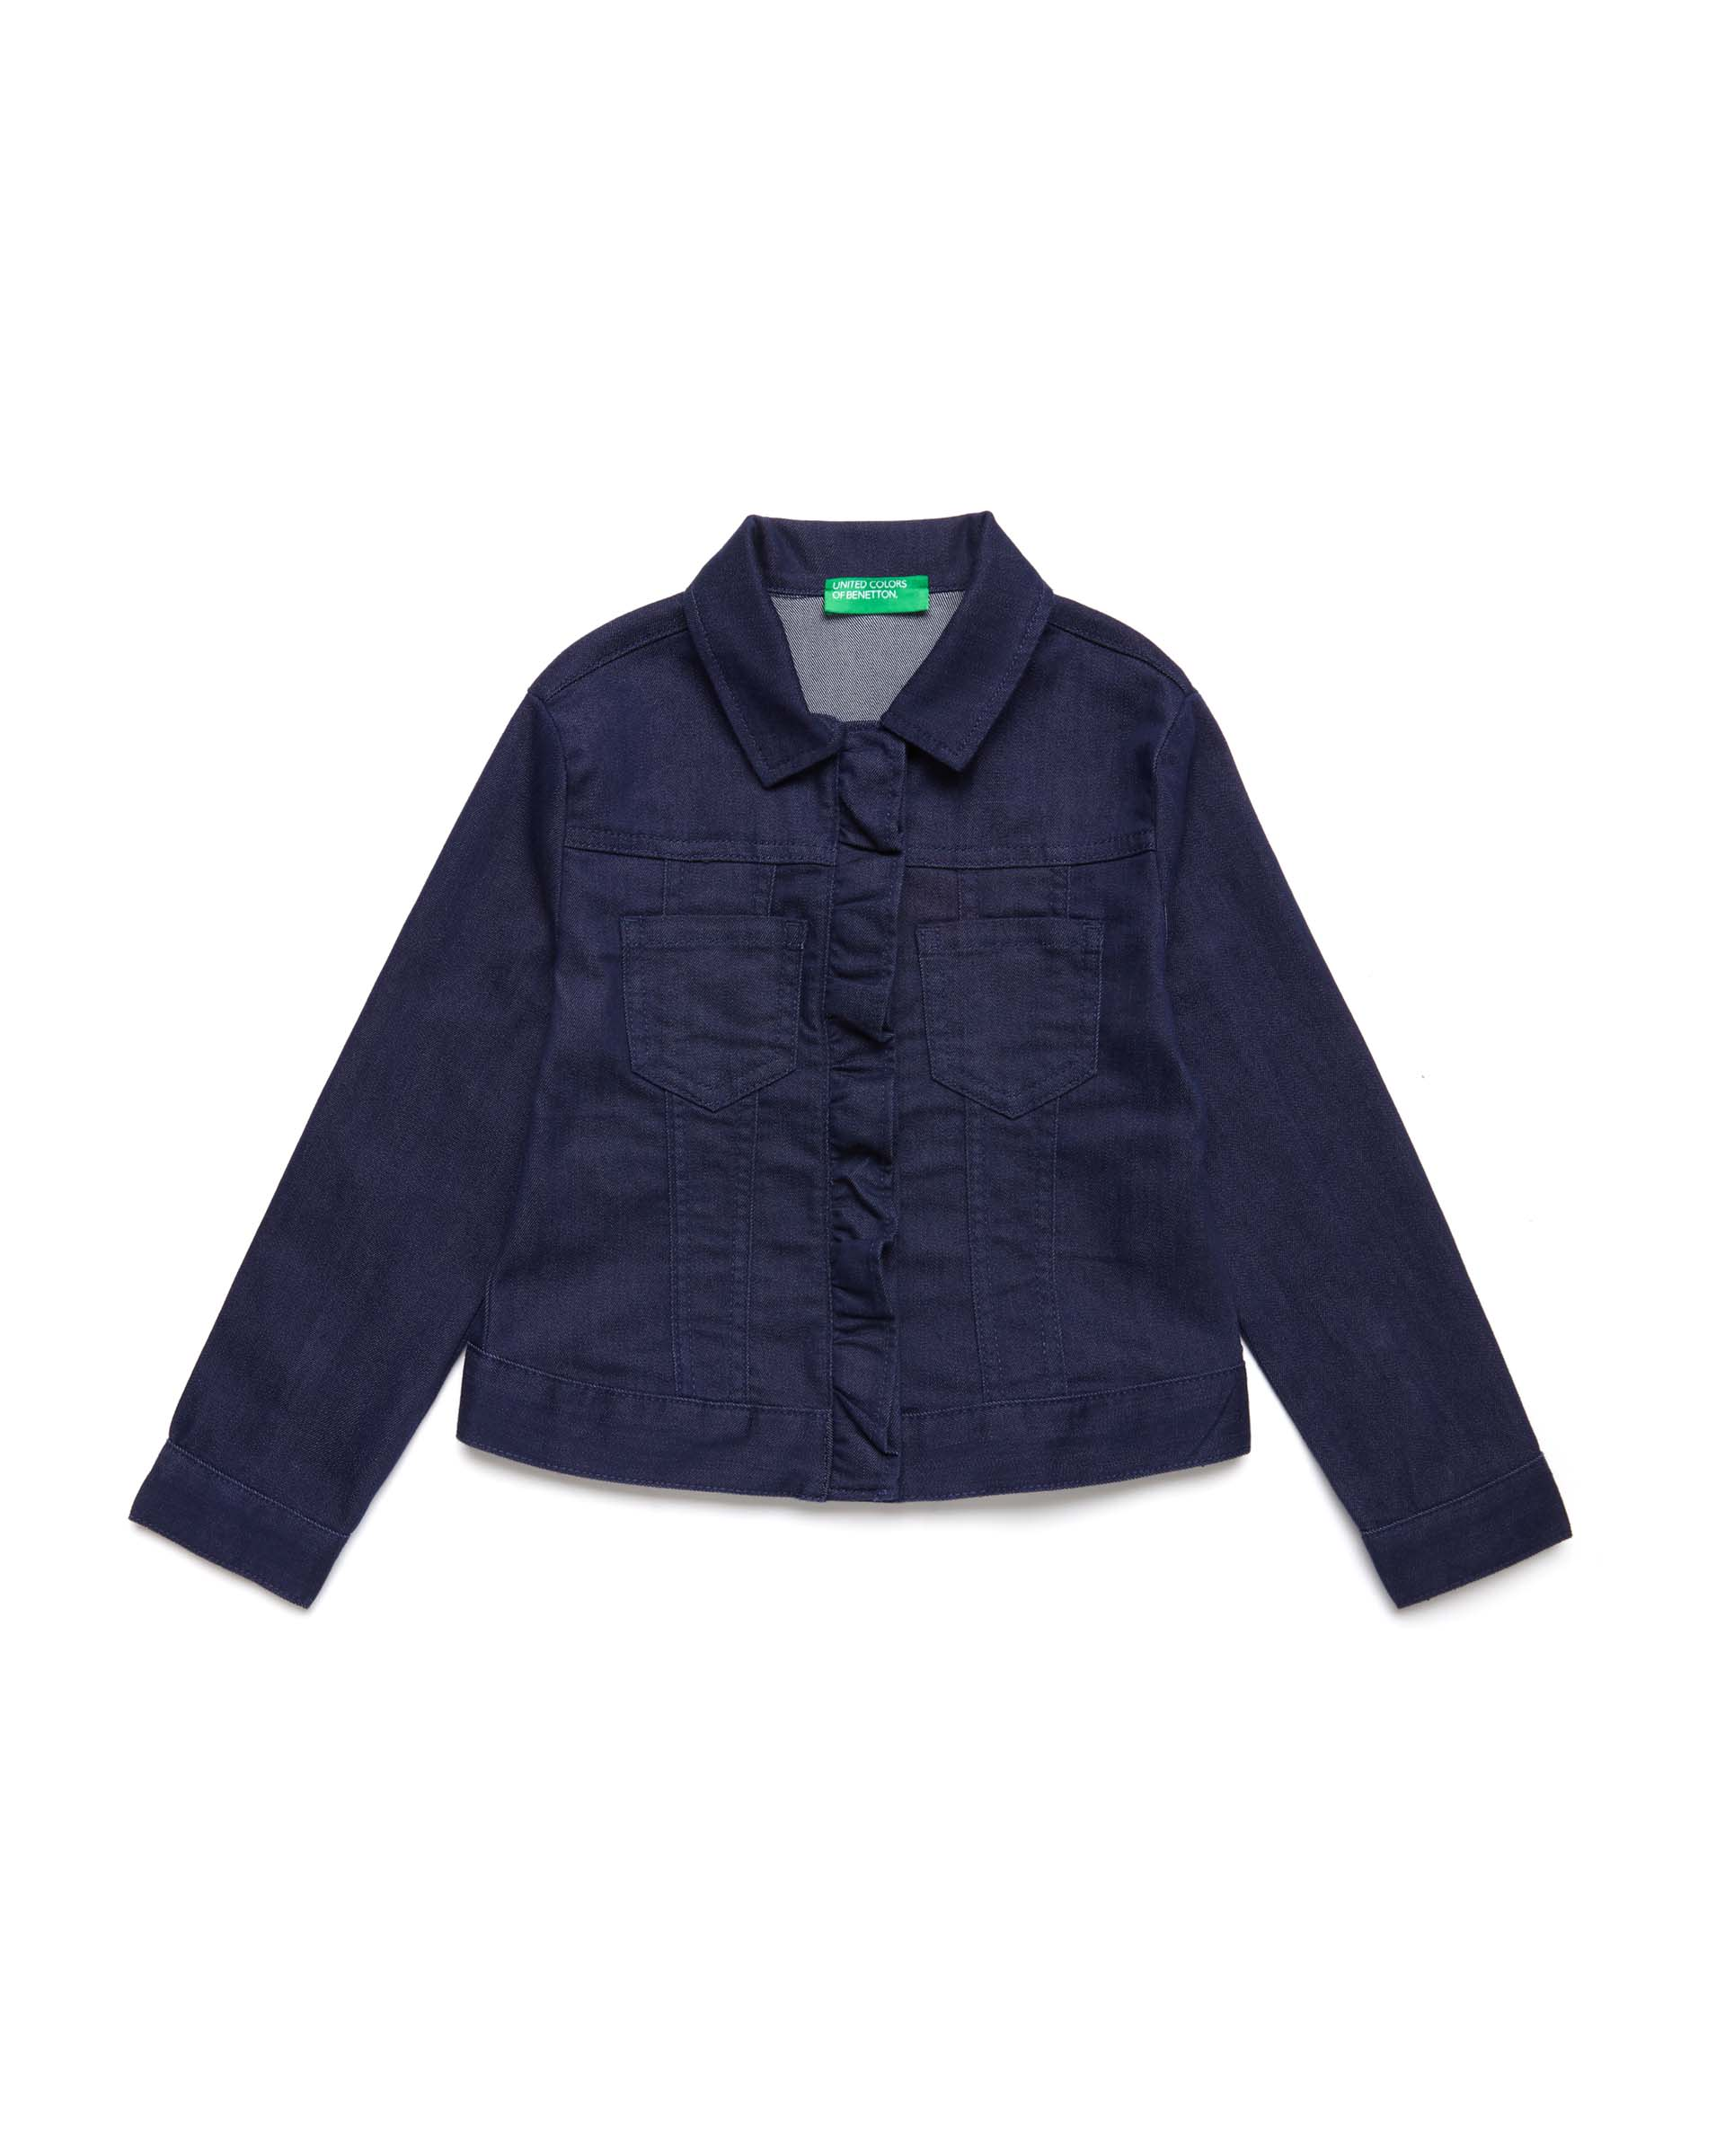 Купить 20P_2HB553I30_252, Джинсовая куртка для девочек Benetton 2HB553I30_252 р-р 122, United Colors of Benetton, Куртки для девочек